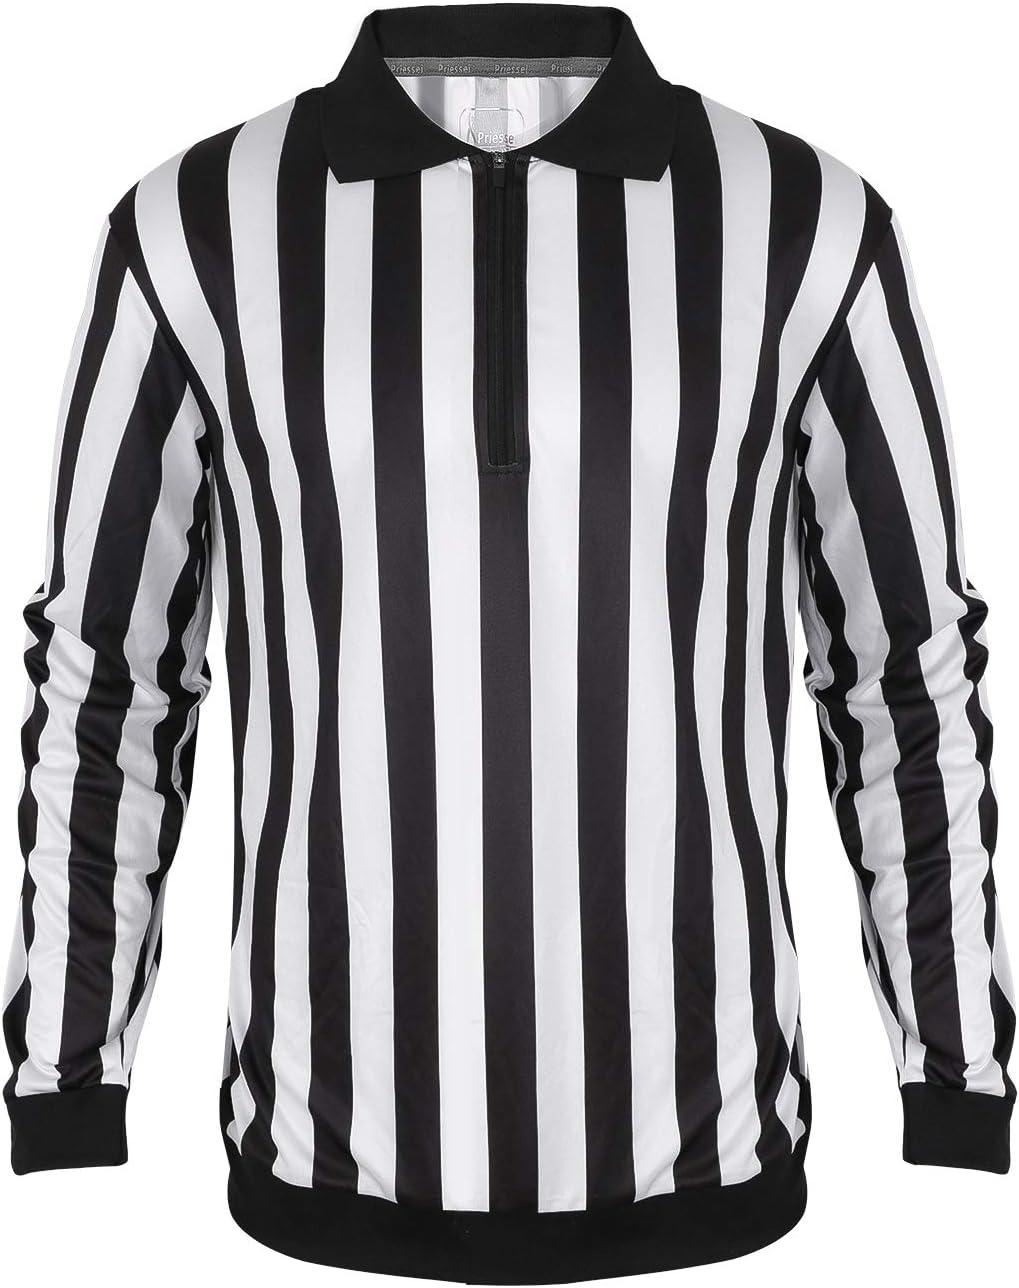 XL Men/'s Official Striped Referee Shirt//Umpire Long Sleeve Jersey Uniform